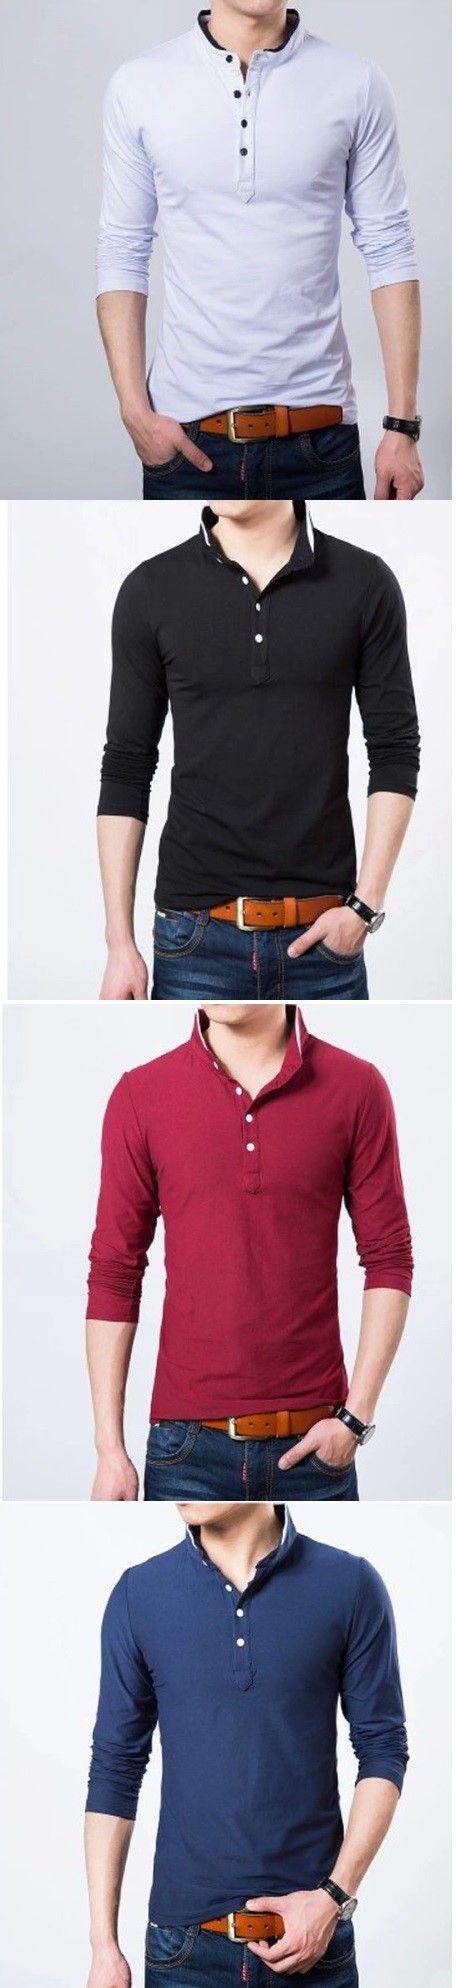 ¿Qué color es su preferido de estas #camisas estilo #polo? Encuentra tu preferida en nuestro sitio.